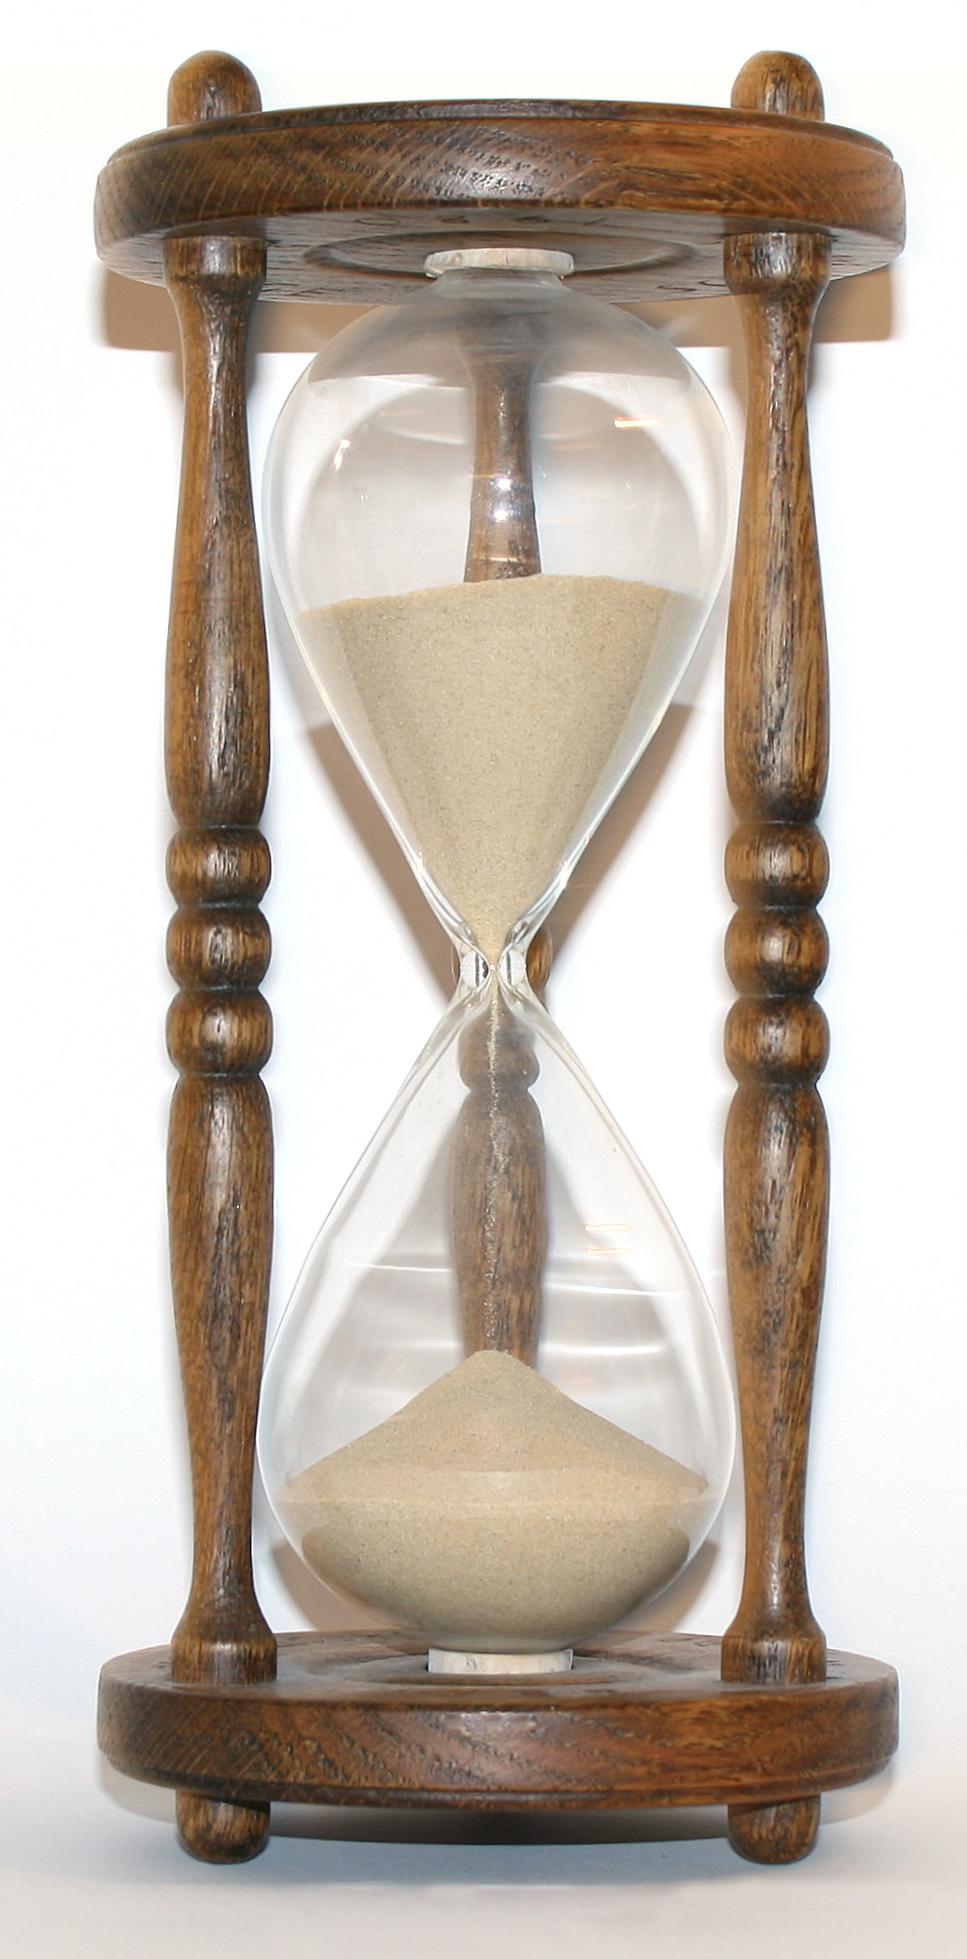 ساعة رملية ويكيبيديا